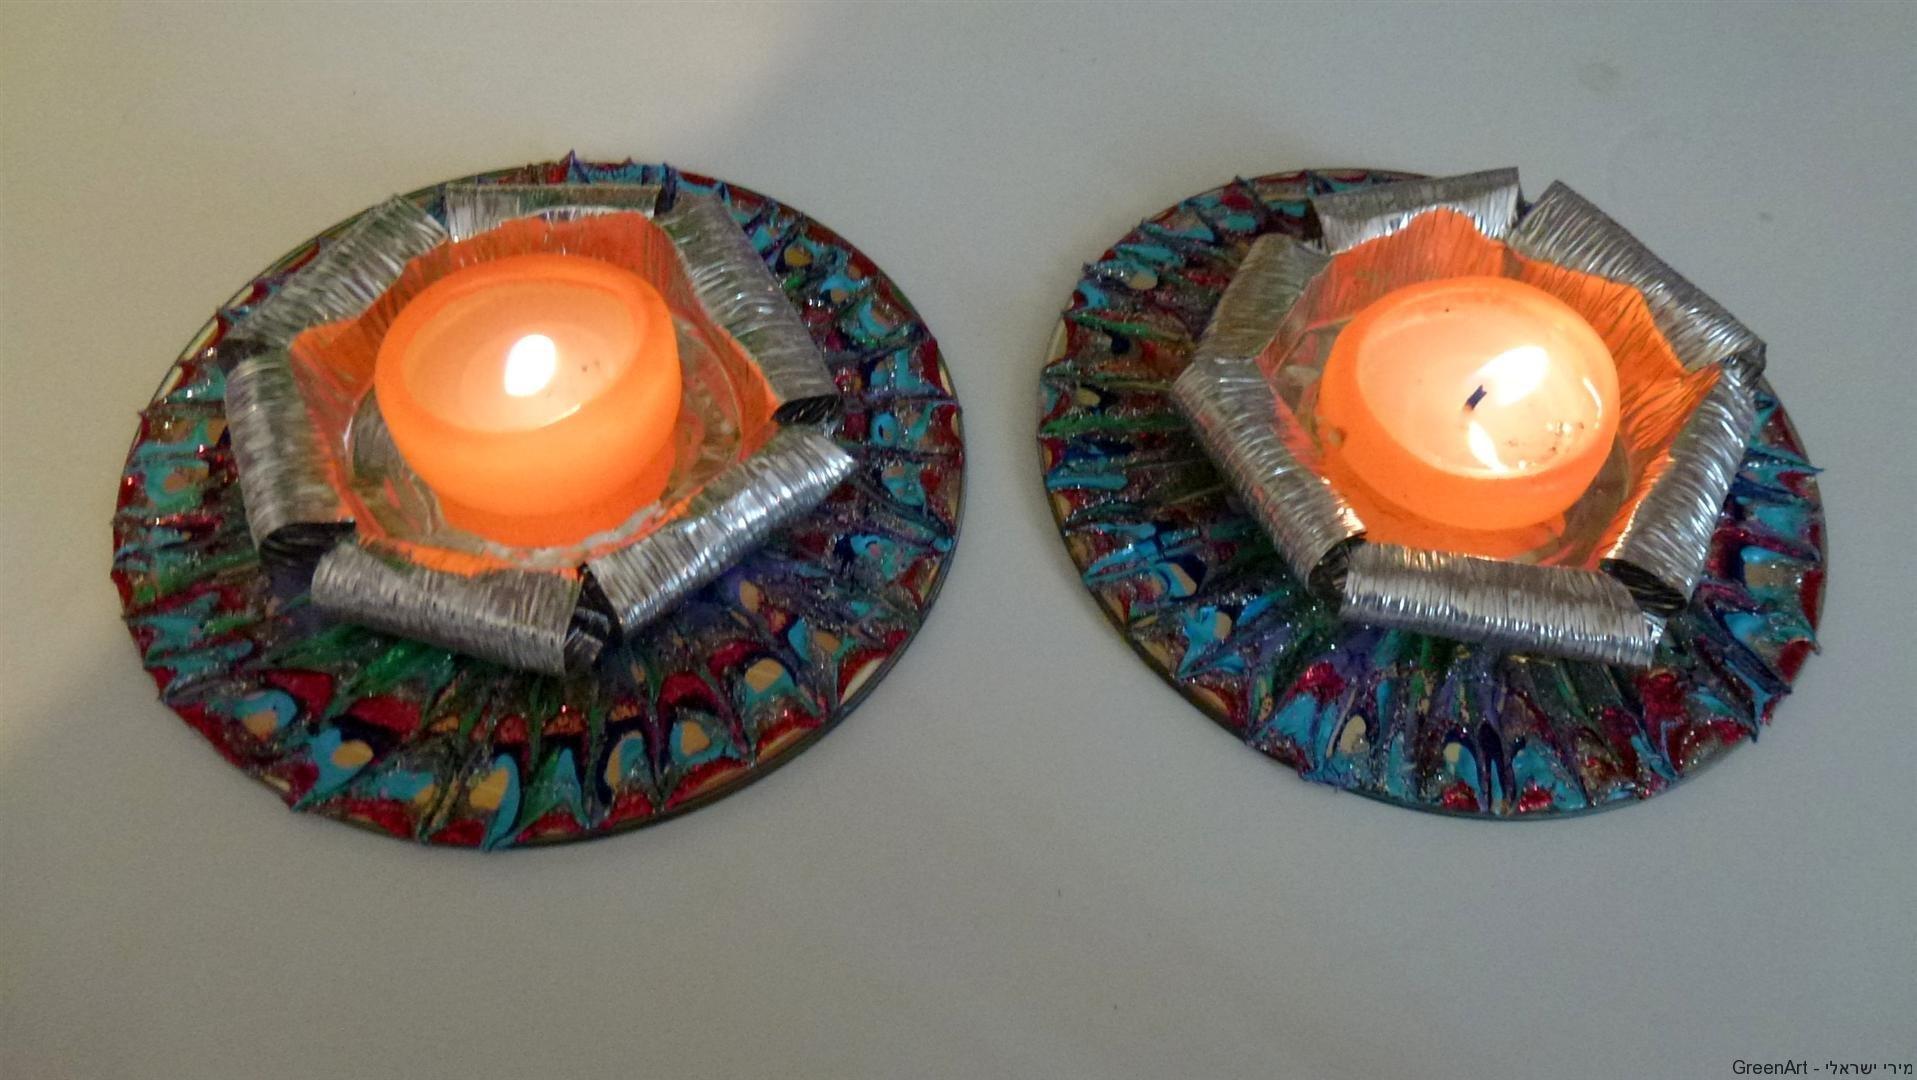 פמוטים לנרות שבת ממיחזור תחתיות אלומיניום ותקליטורים ישנים